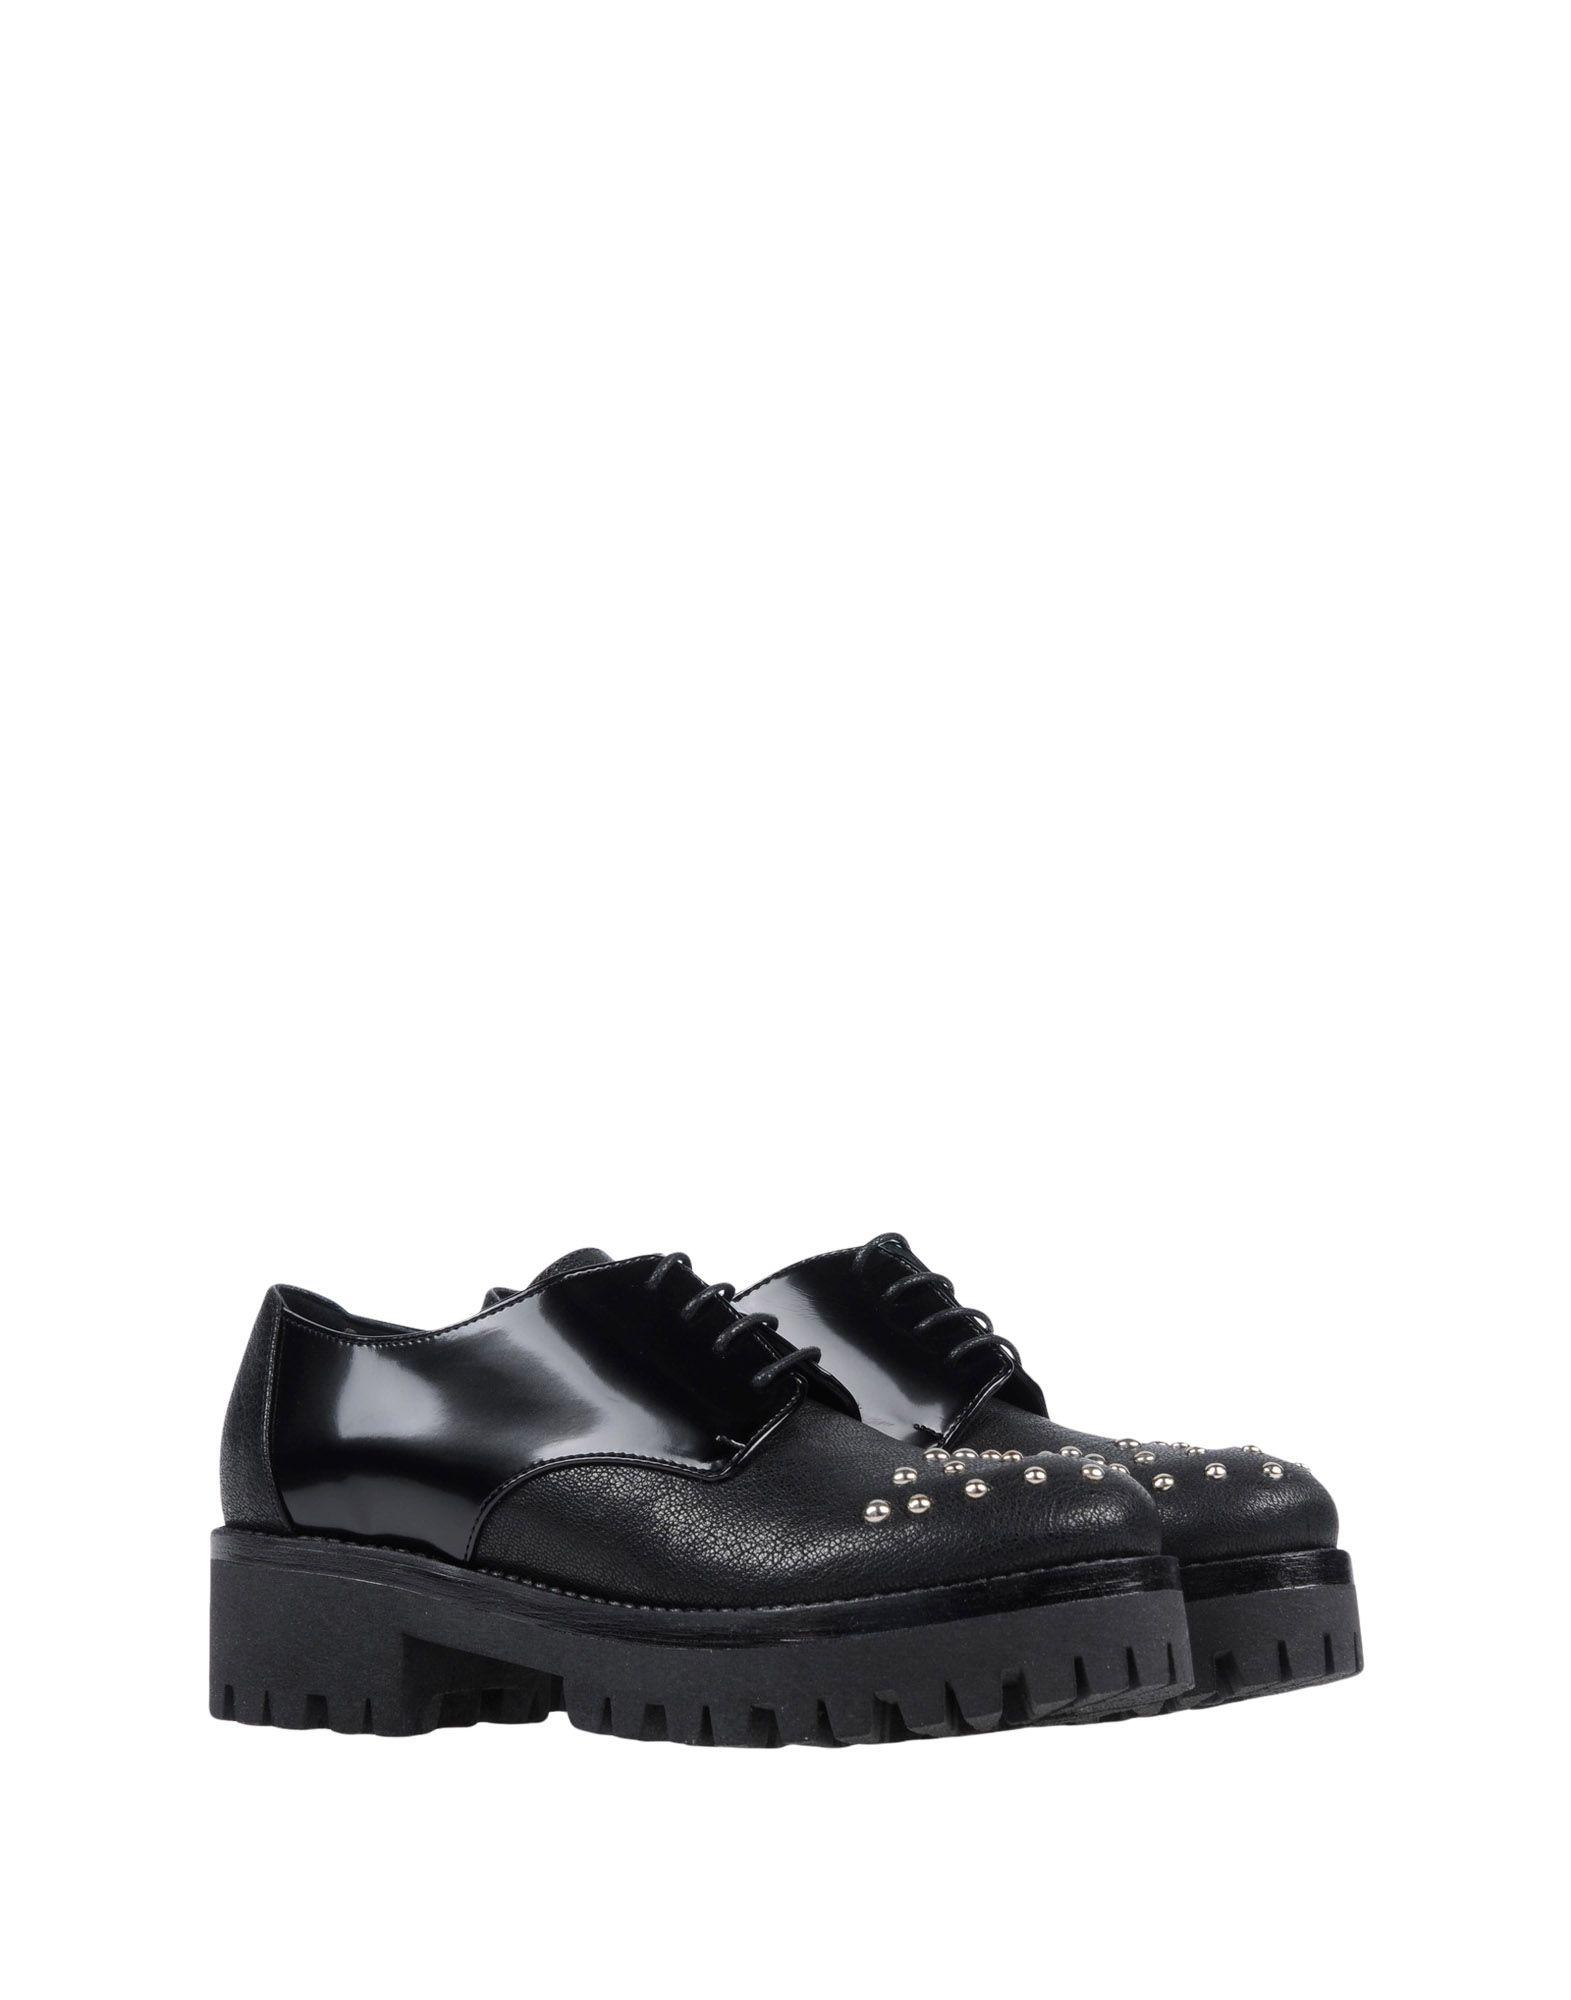 ... Chaussures À Lacets Pollini Femme - Chaussures À Lacets Pollini sur